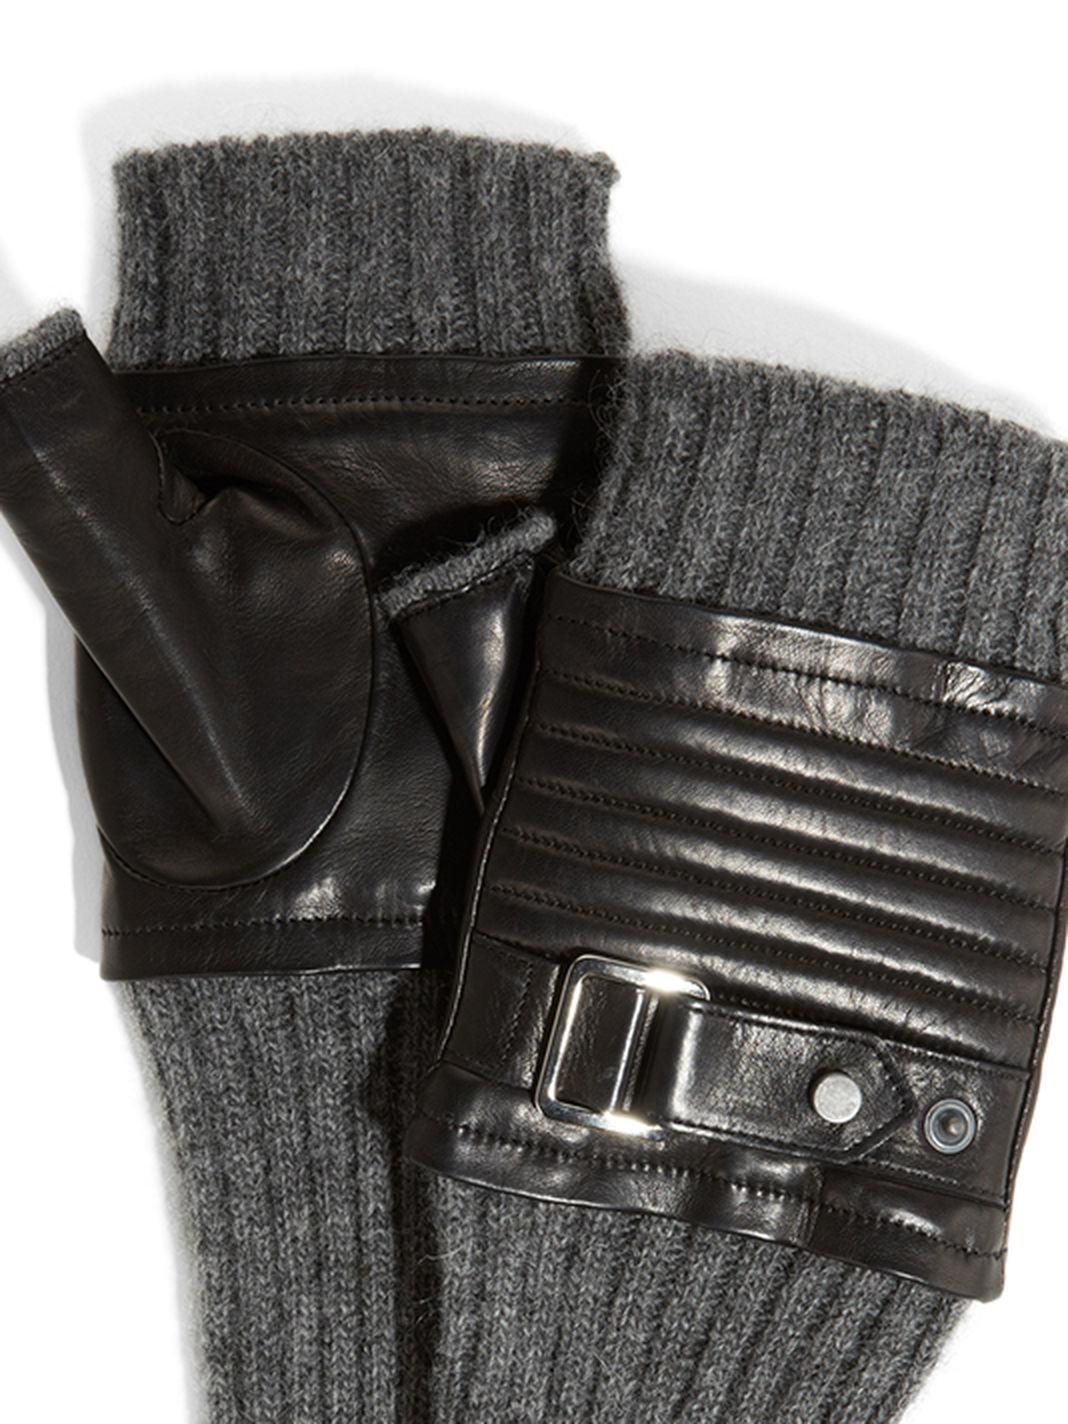 Fingerless gloves h m - Gallery Women S Leather Gloves